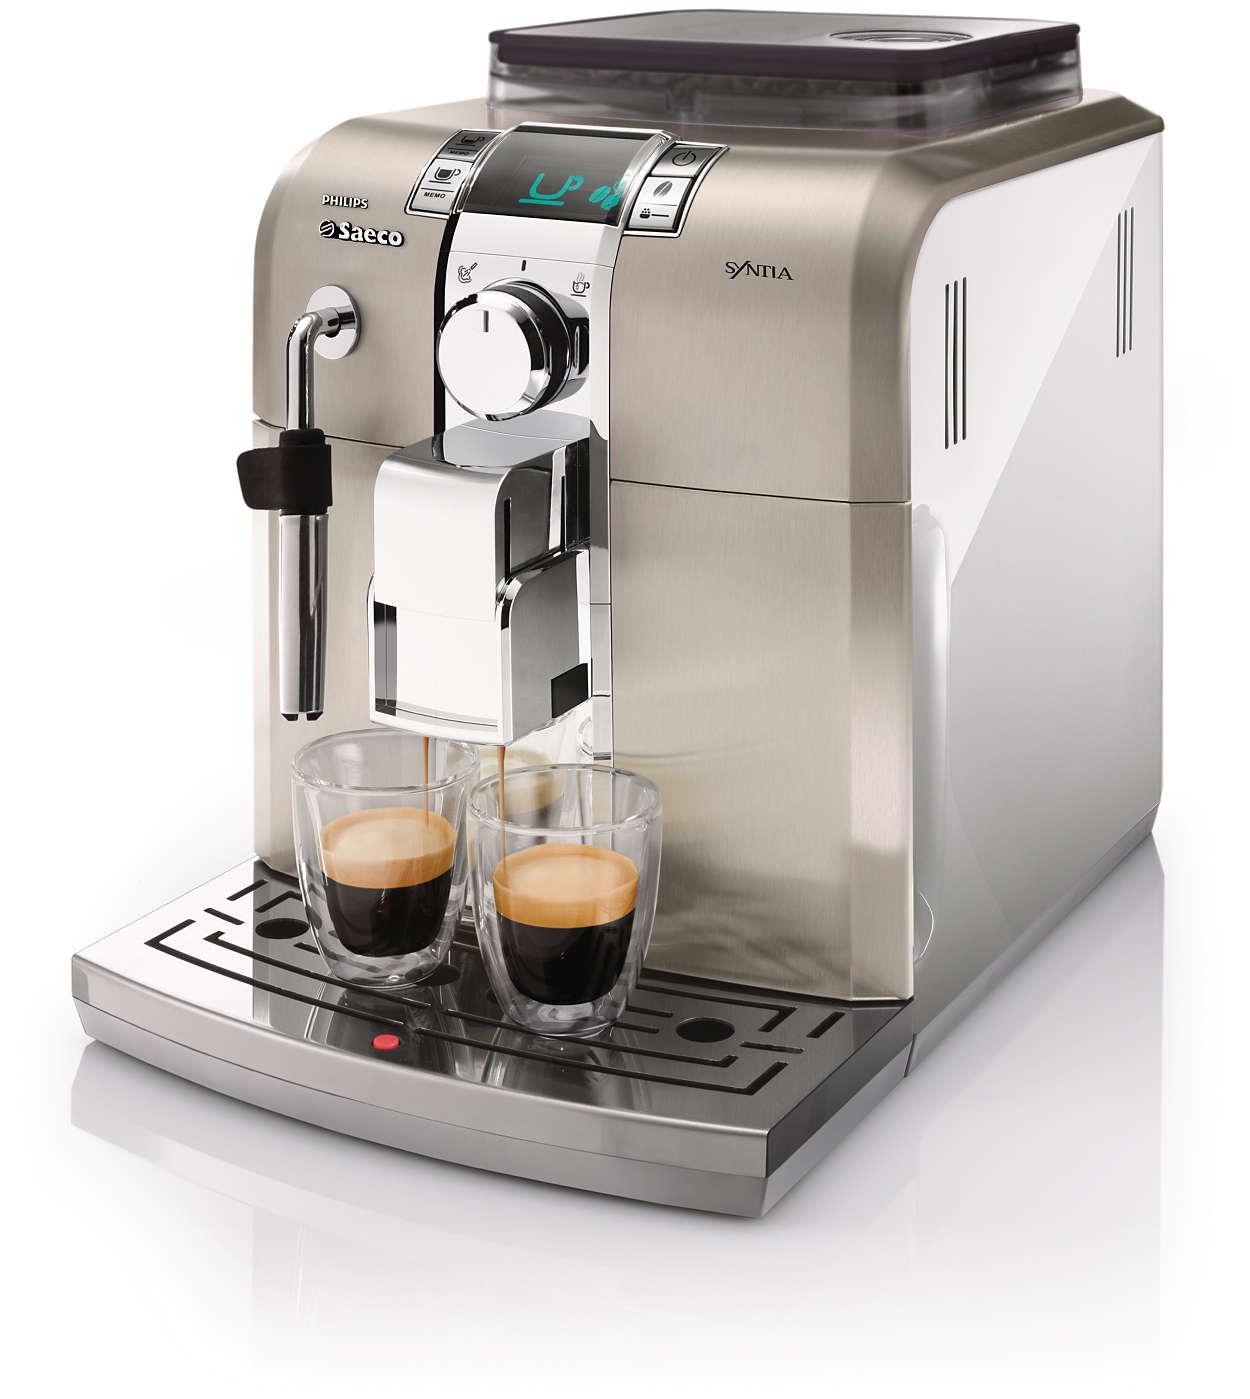 Oplev glæden ved italiensk espresso derhjemme